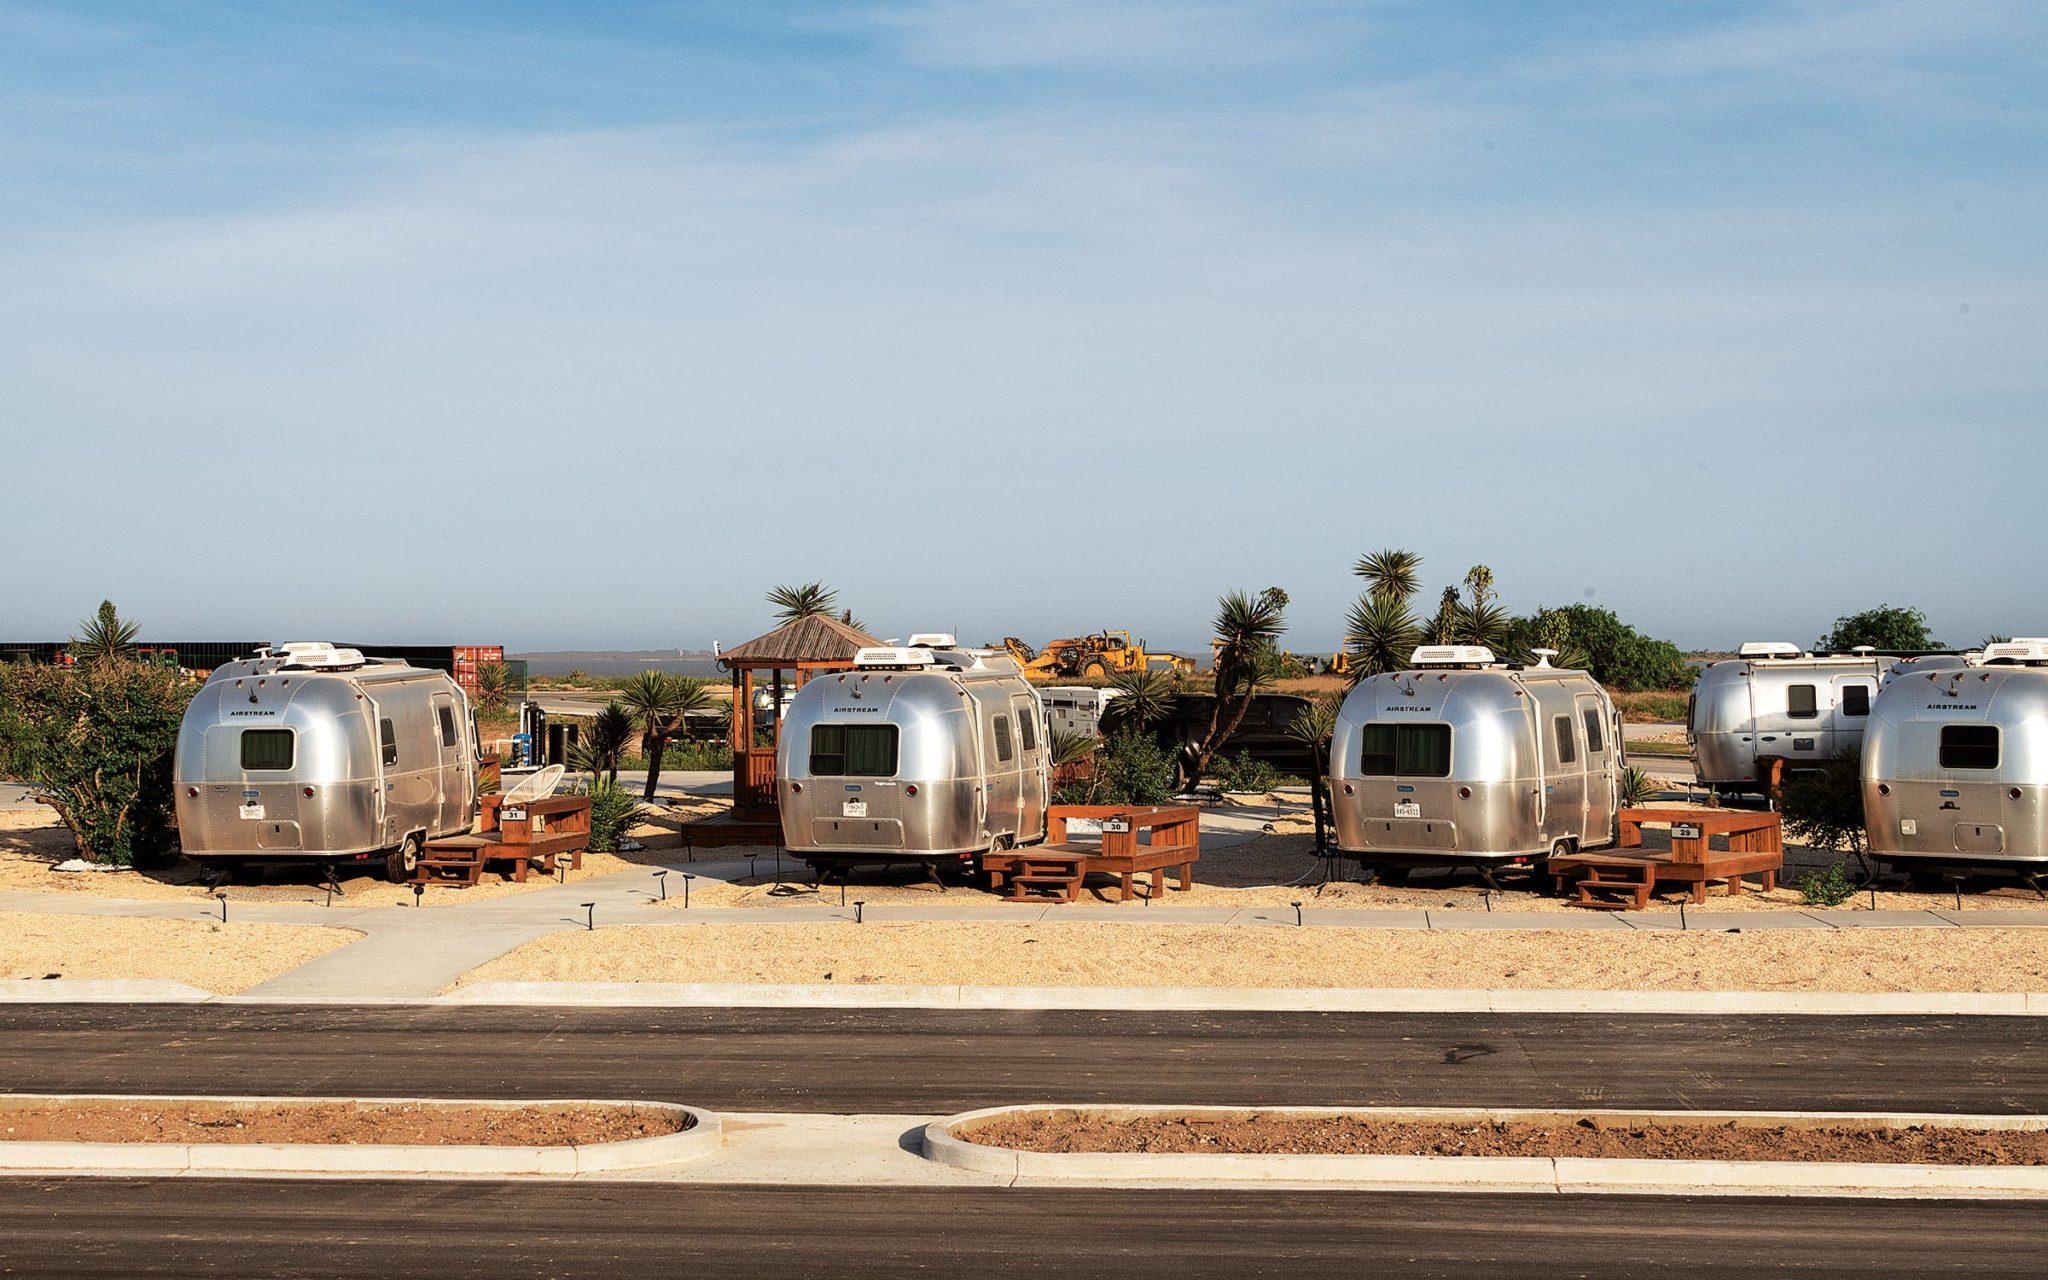 Caravanes de SpaceX